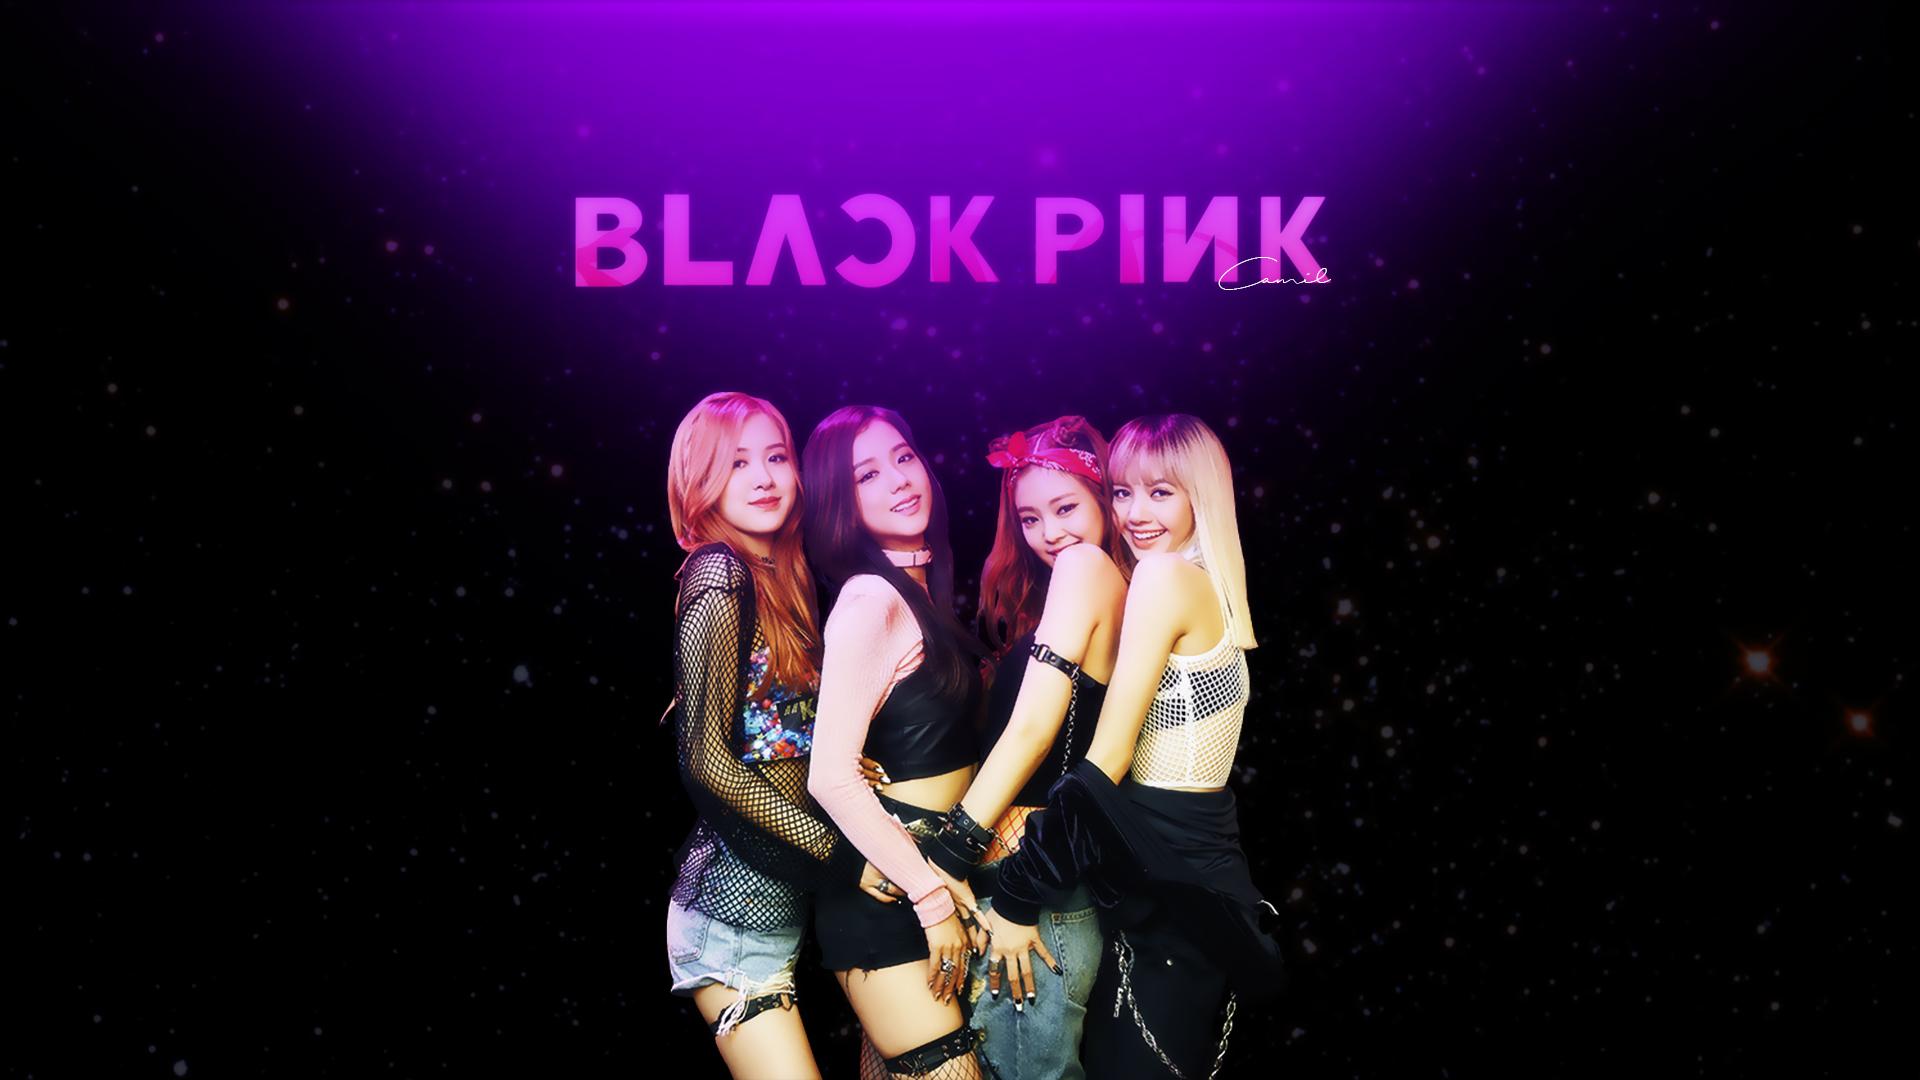 Cùng nhìn lại 6 kiểu tóc đẹp của BlackPink từ ngày debut